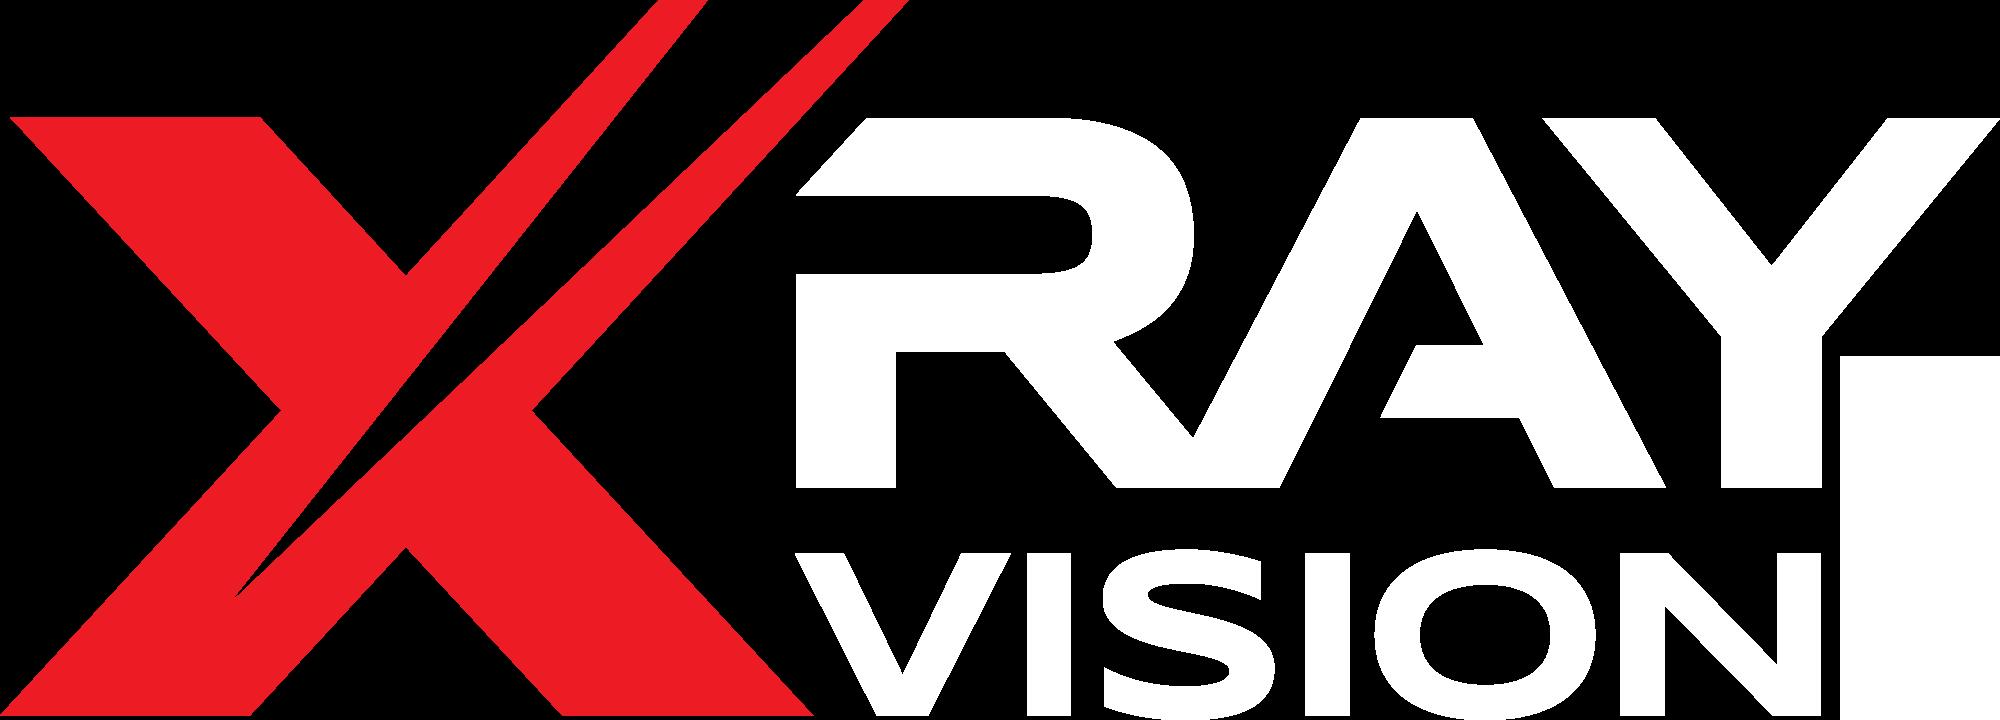 Xray Vision Logo [p][r].png